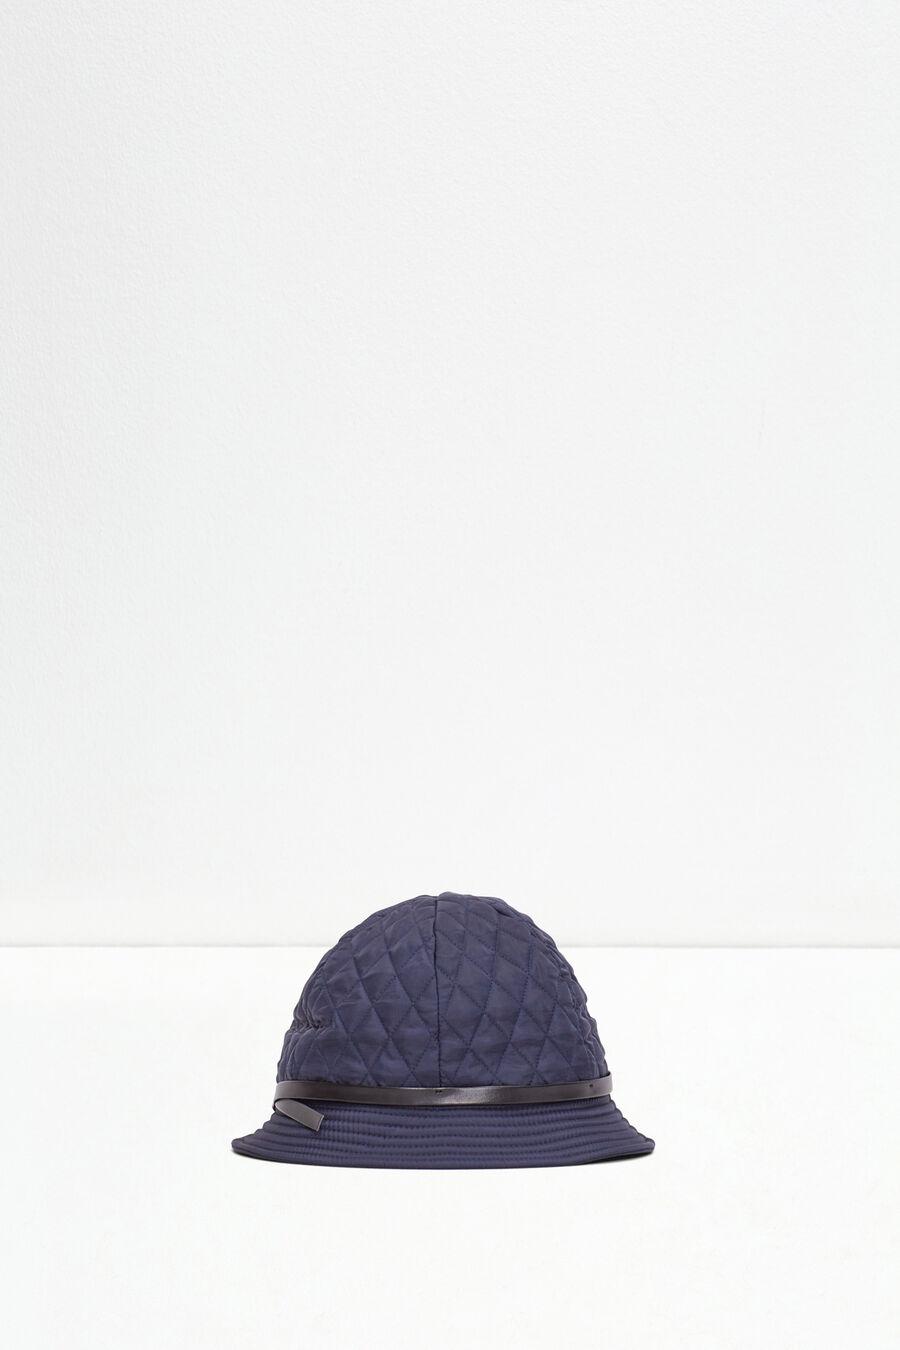 Rain cap